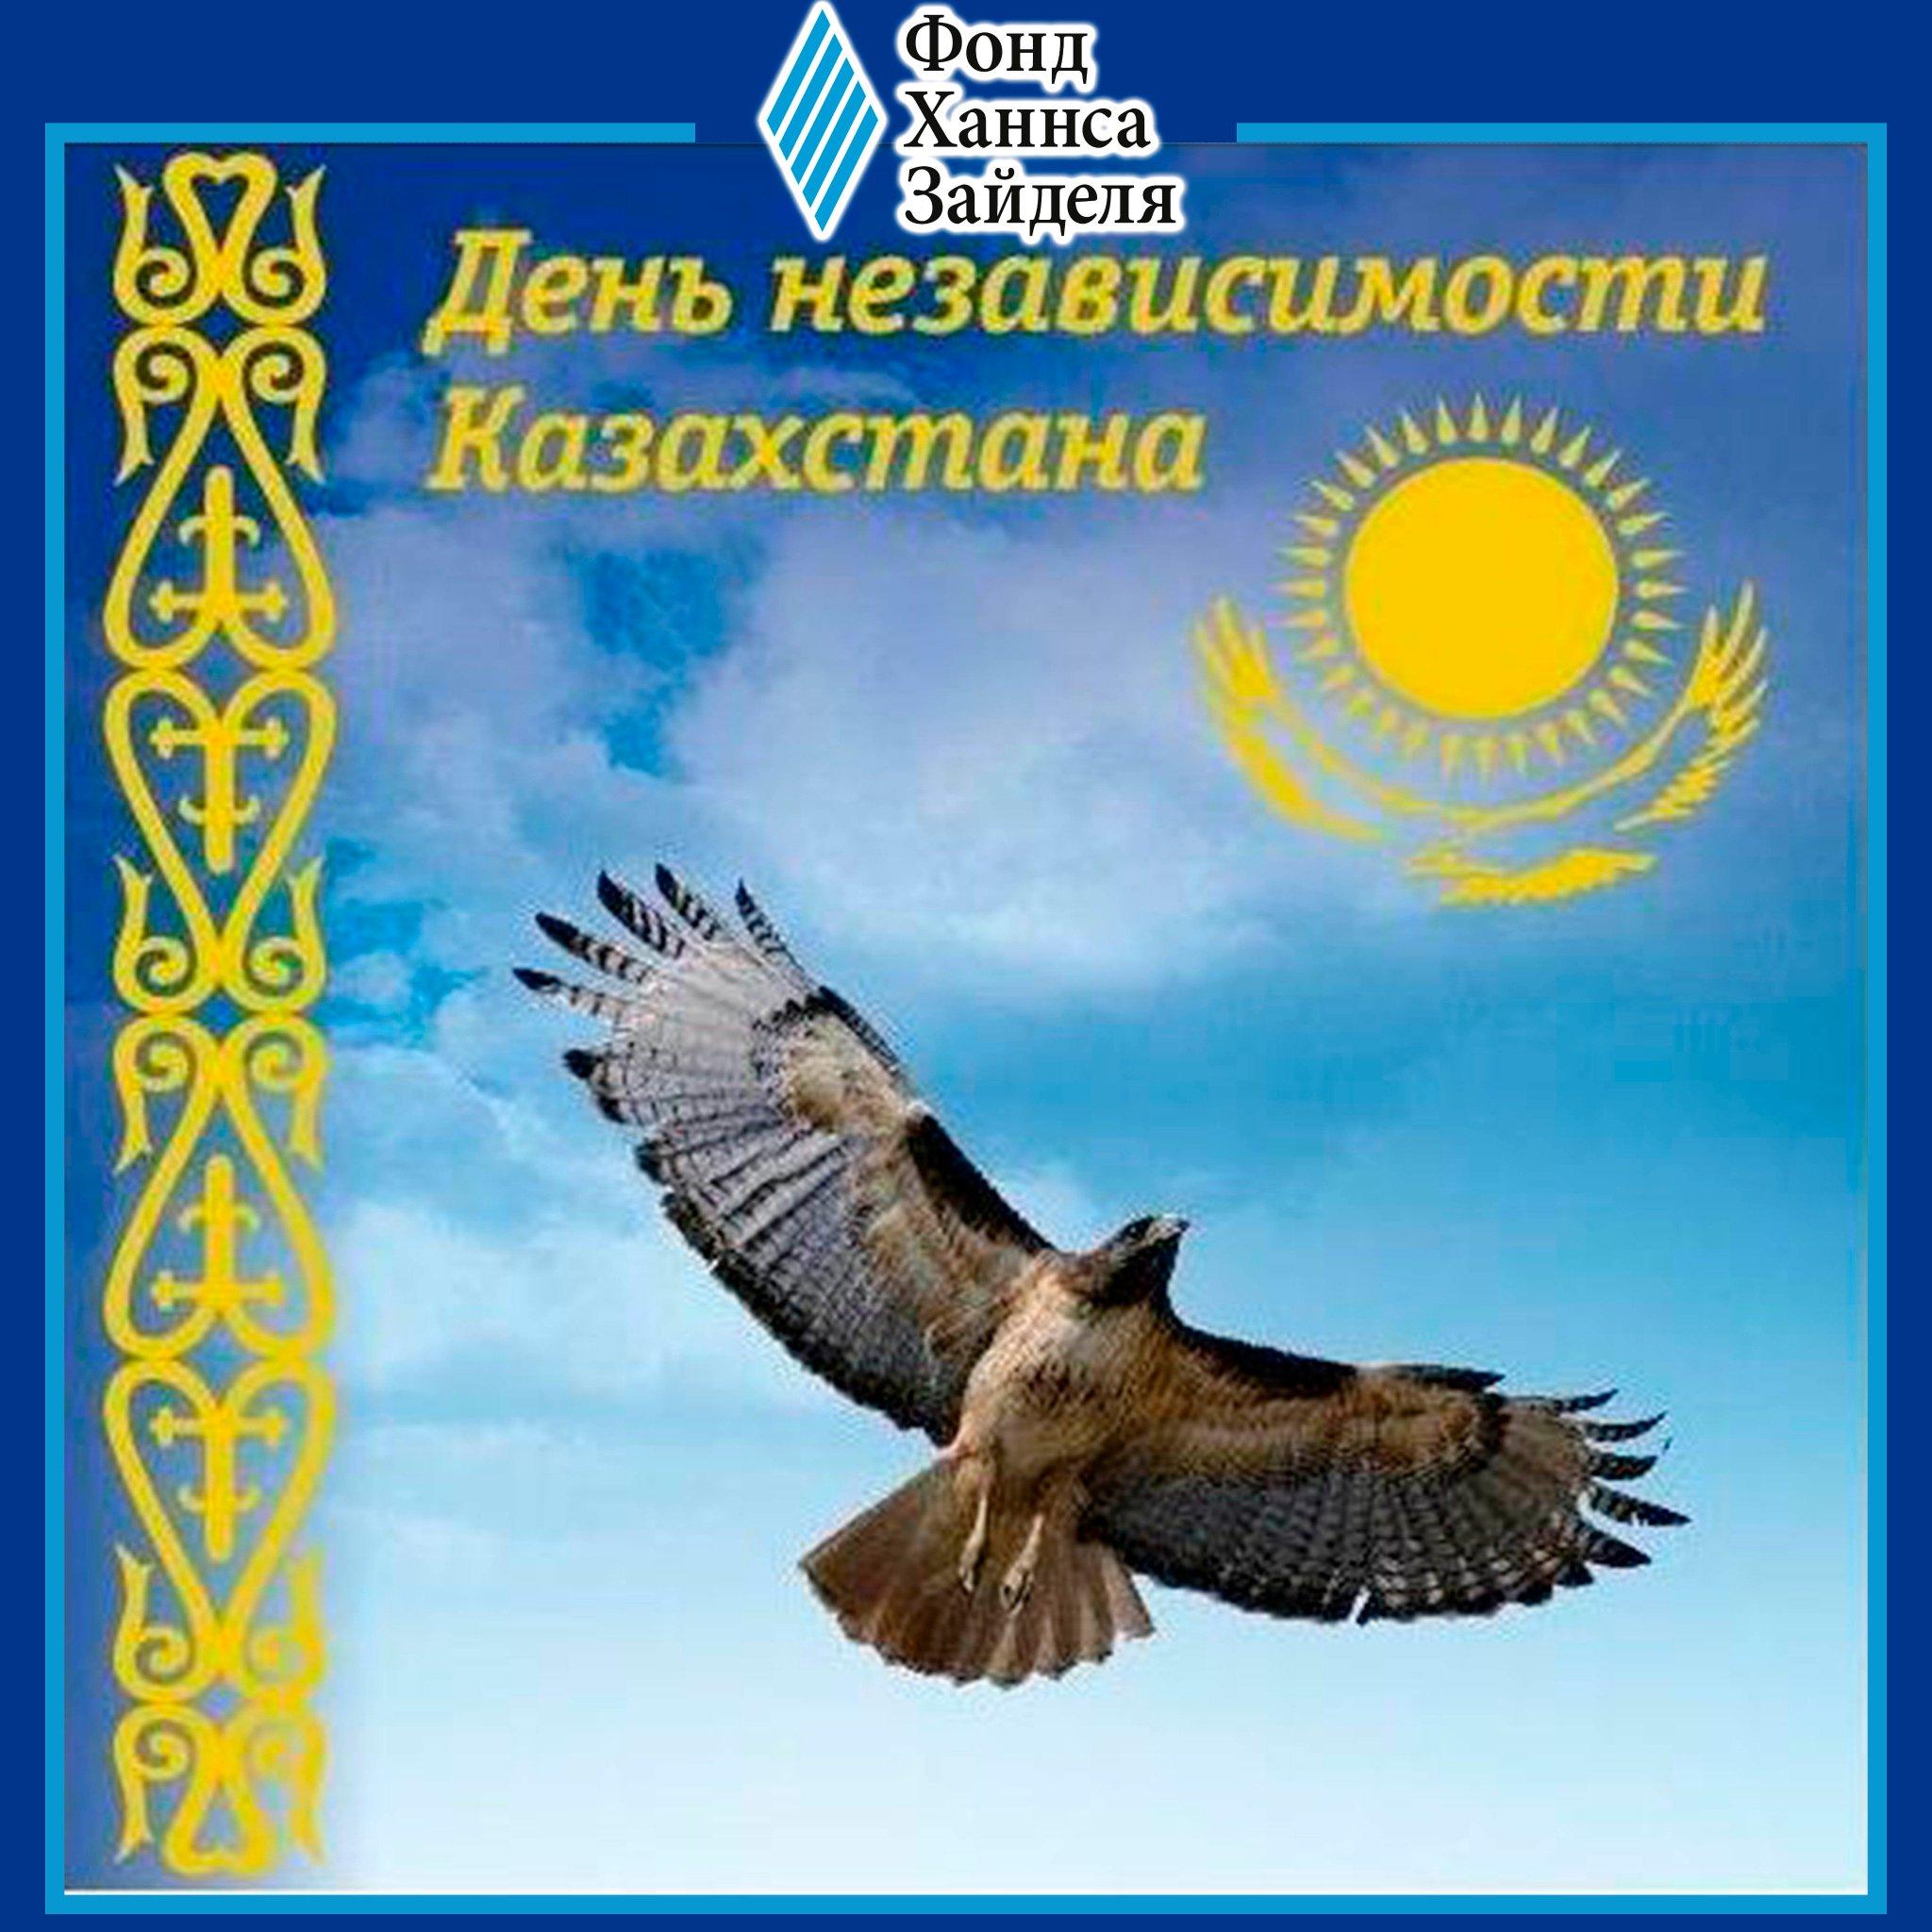 Открытки 16 декабря день независимости